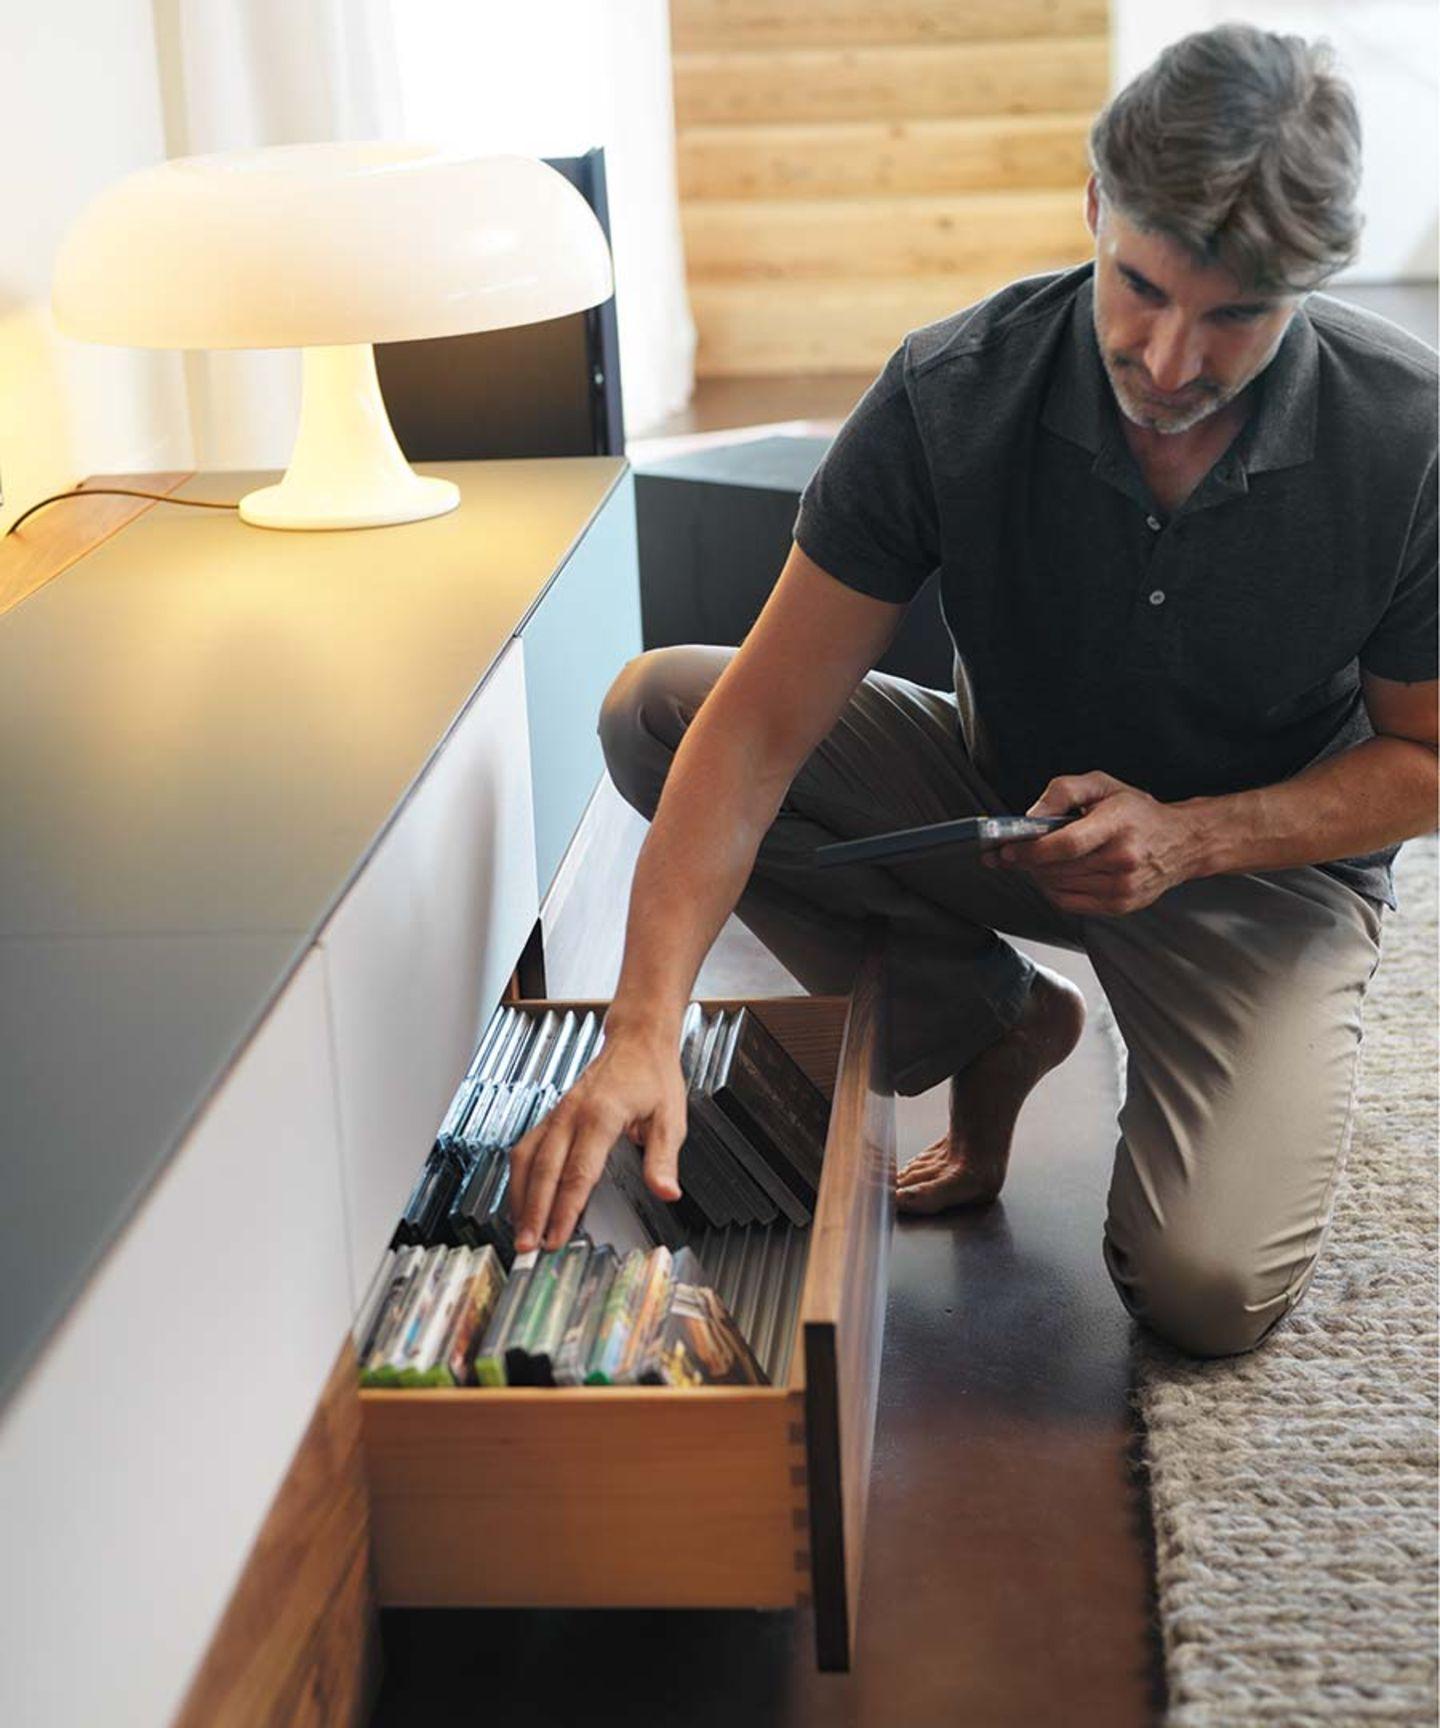 Mobili per l'home entertainment cubus pure con cassetto e divisori per CD